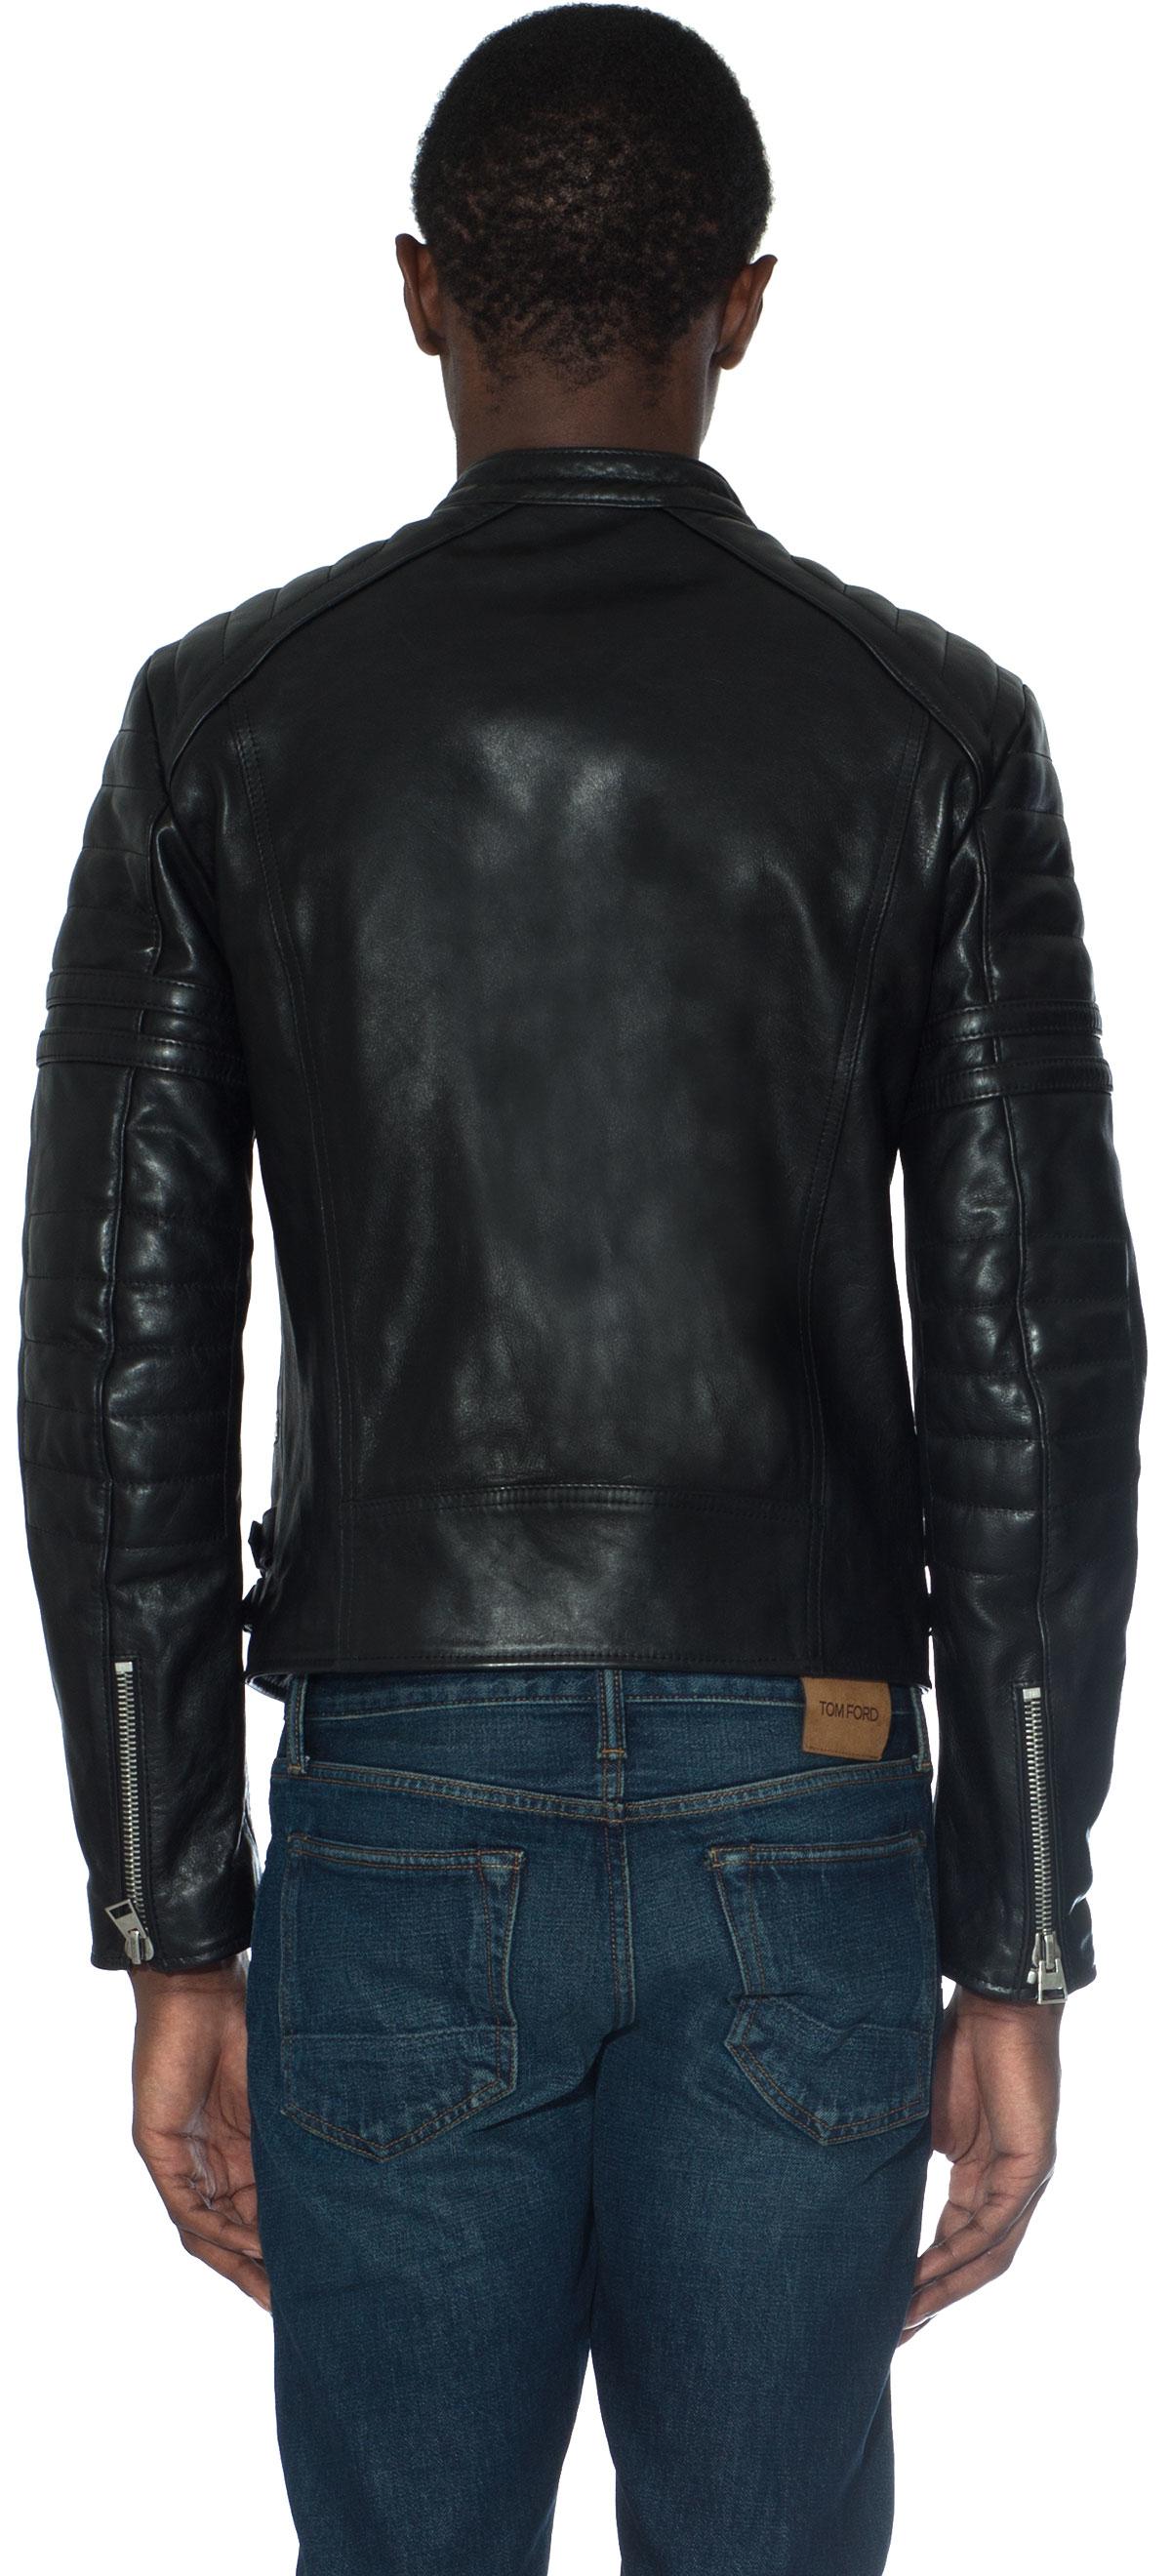 tom ford leather biker jacket in black for men lyst. Black Bedroom Furniture Sets. Home Design Ideas